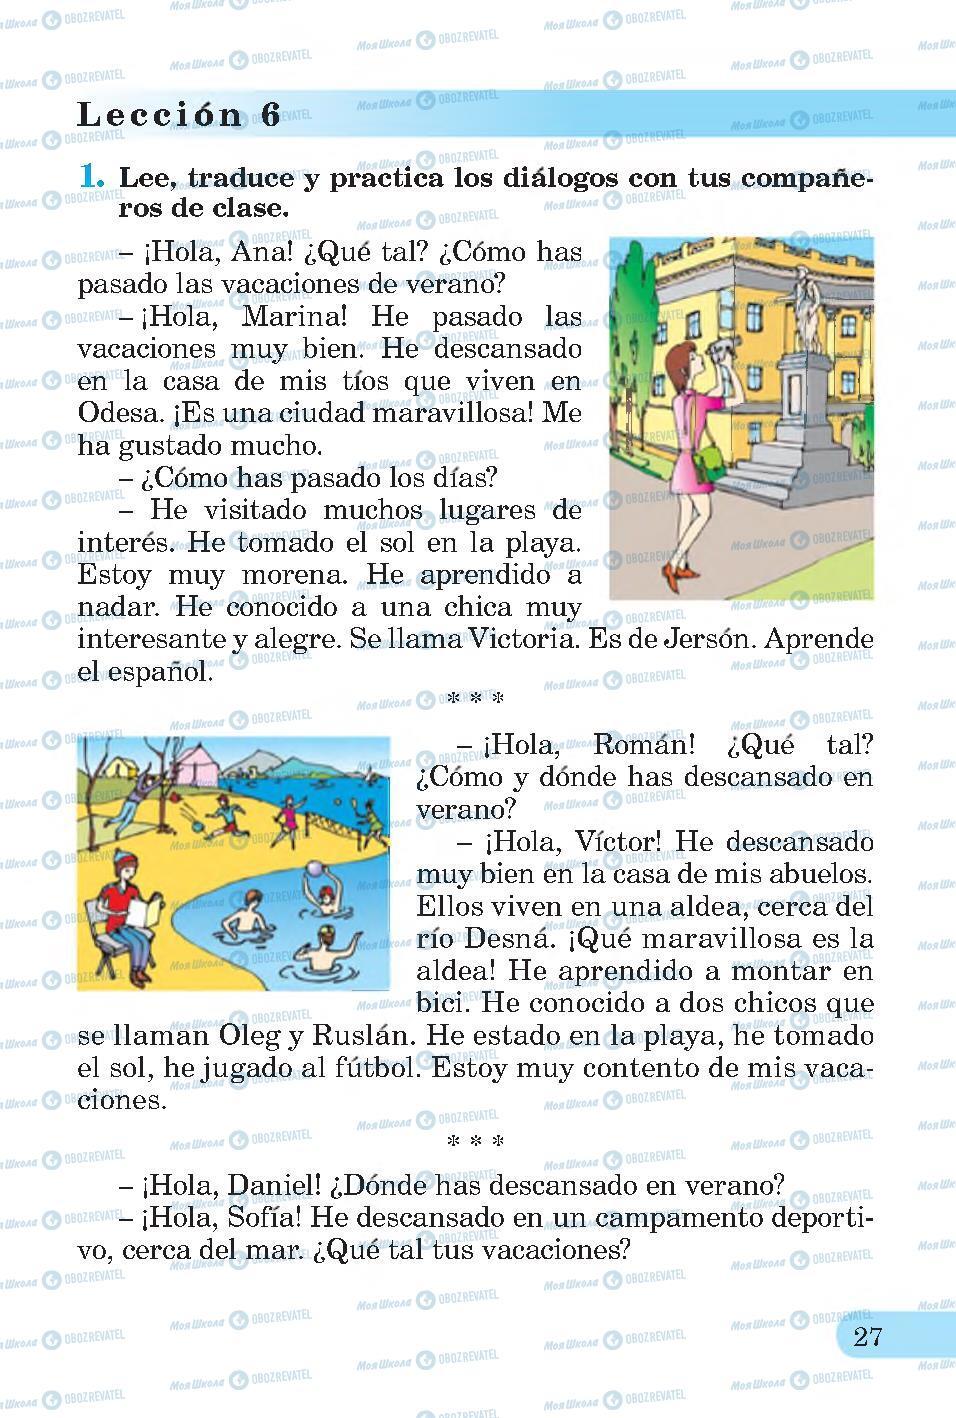 Підручники Іспанська мова 4 клас сторінка 27